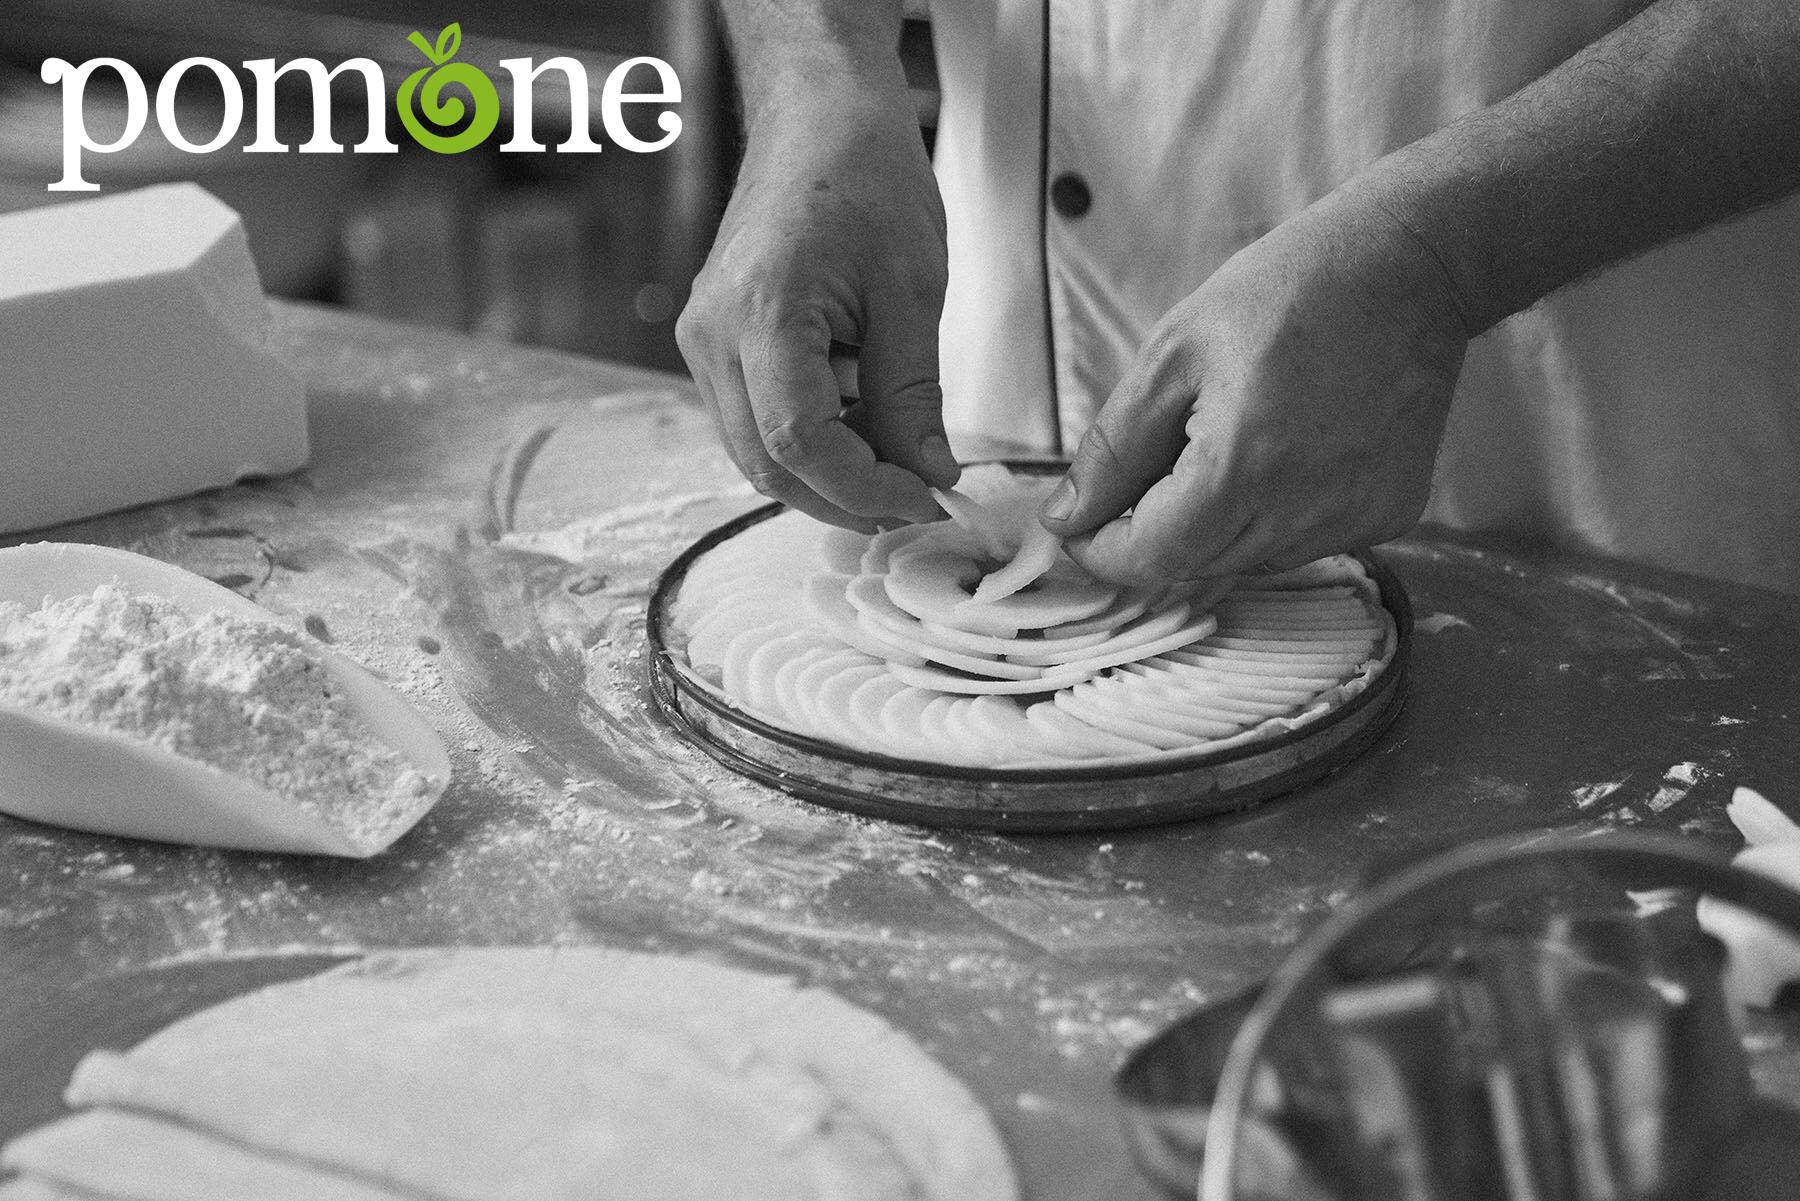 Le secret de recettes gourmandes et de qualité ? Allier les savoir-faire artisanaux et industriels !